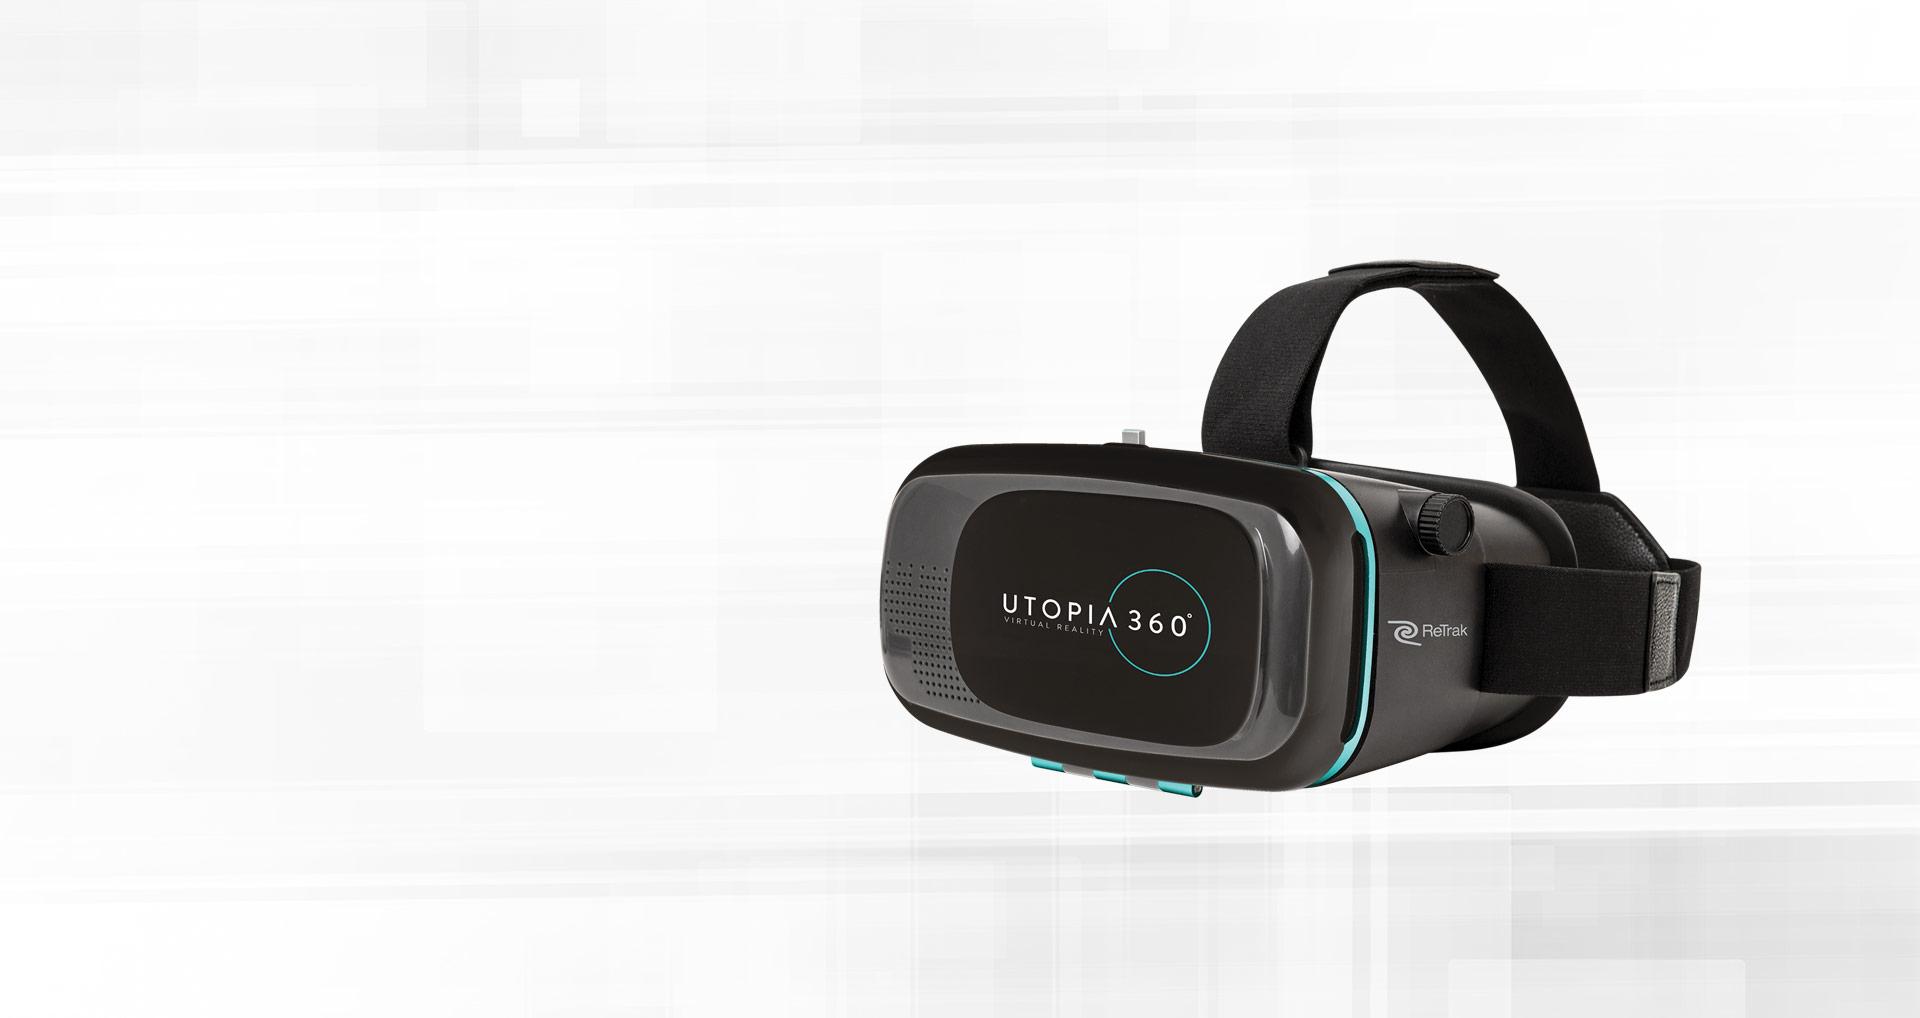 utopia 360 vr app download